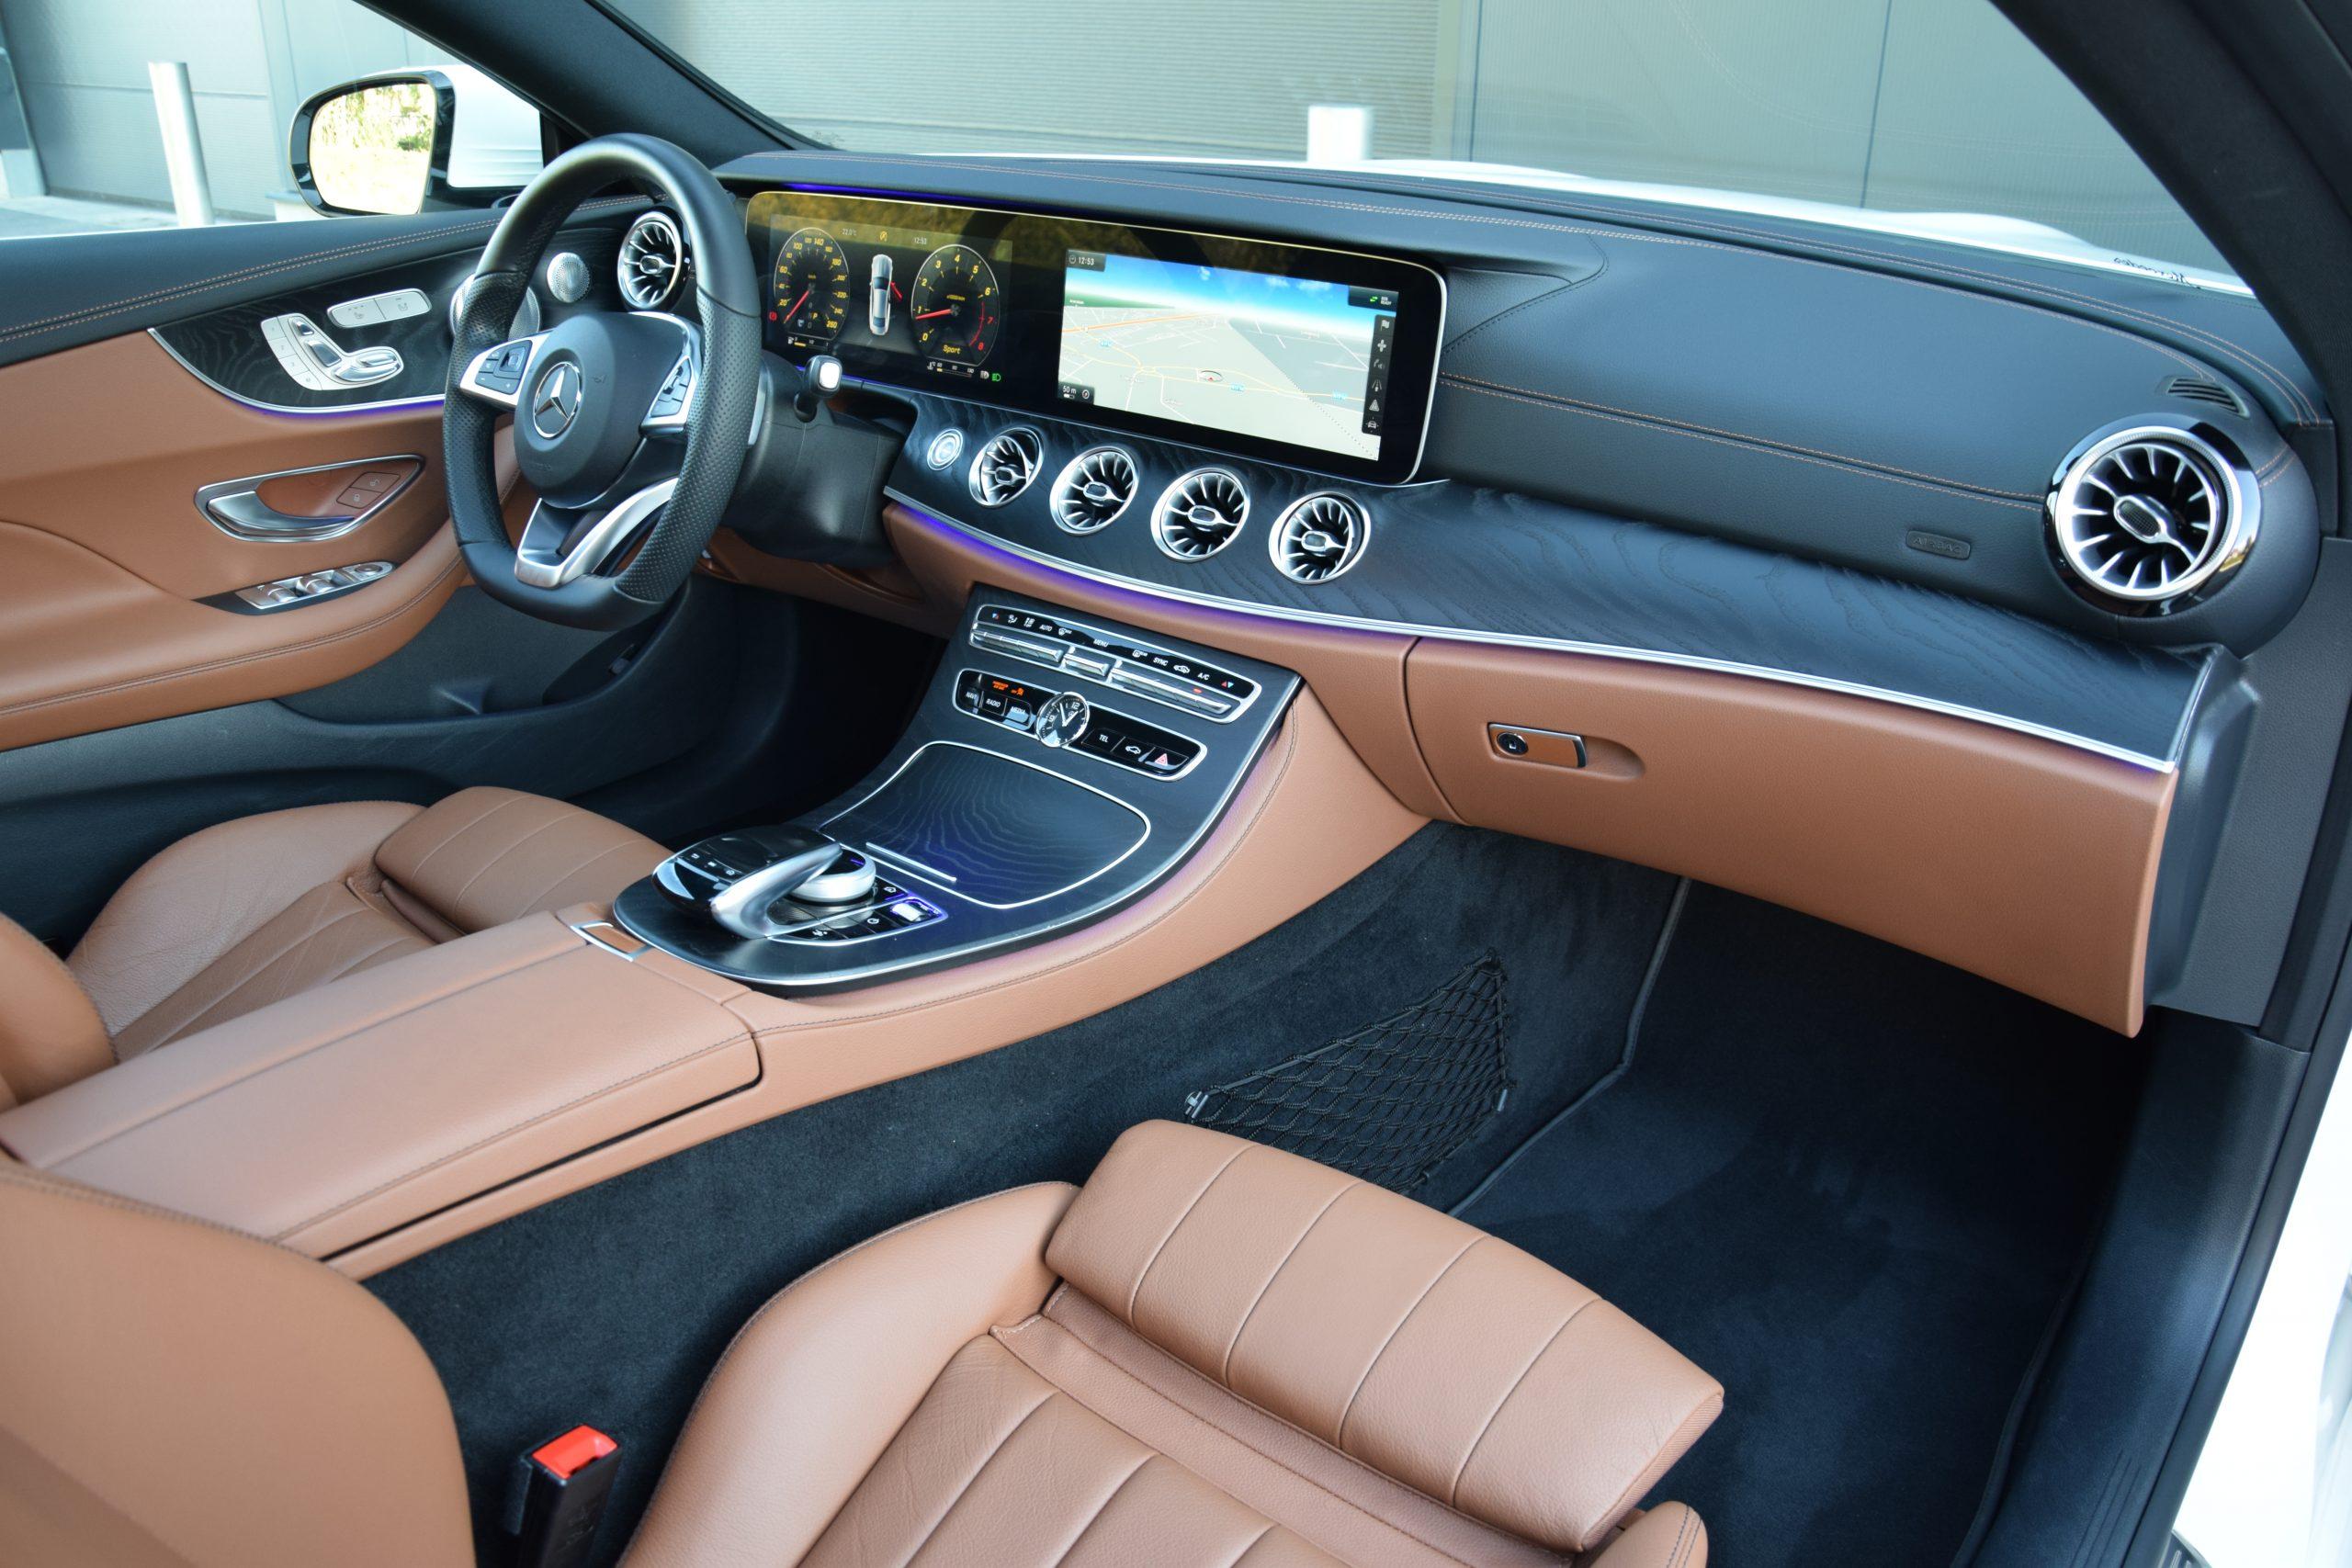 Mercedes-Benz E200 AMG-Line Coupé 05/2017 – Widescreen!